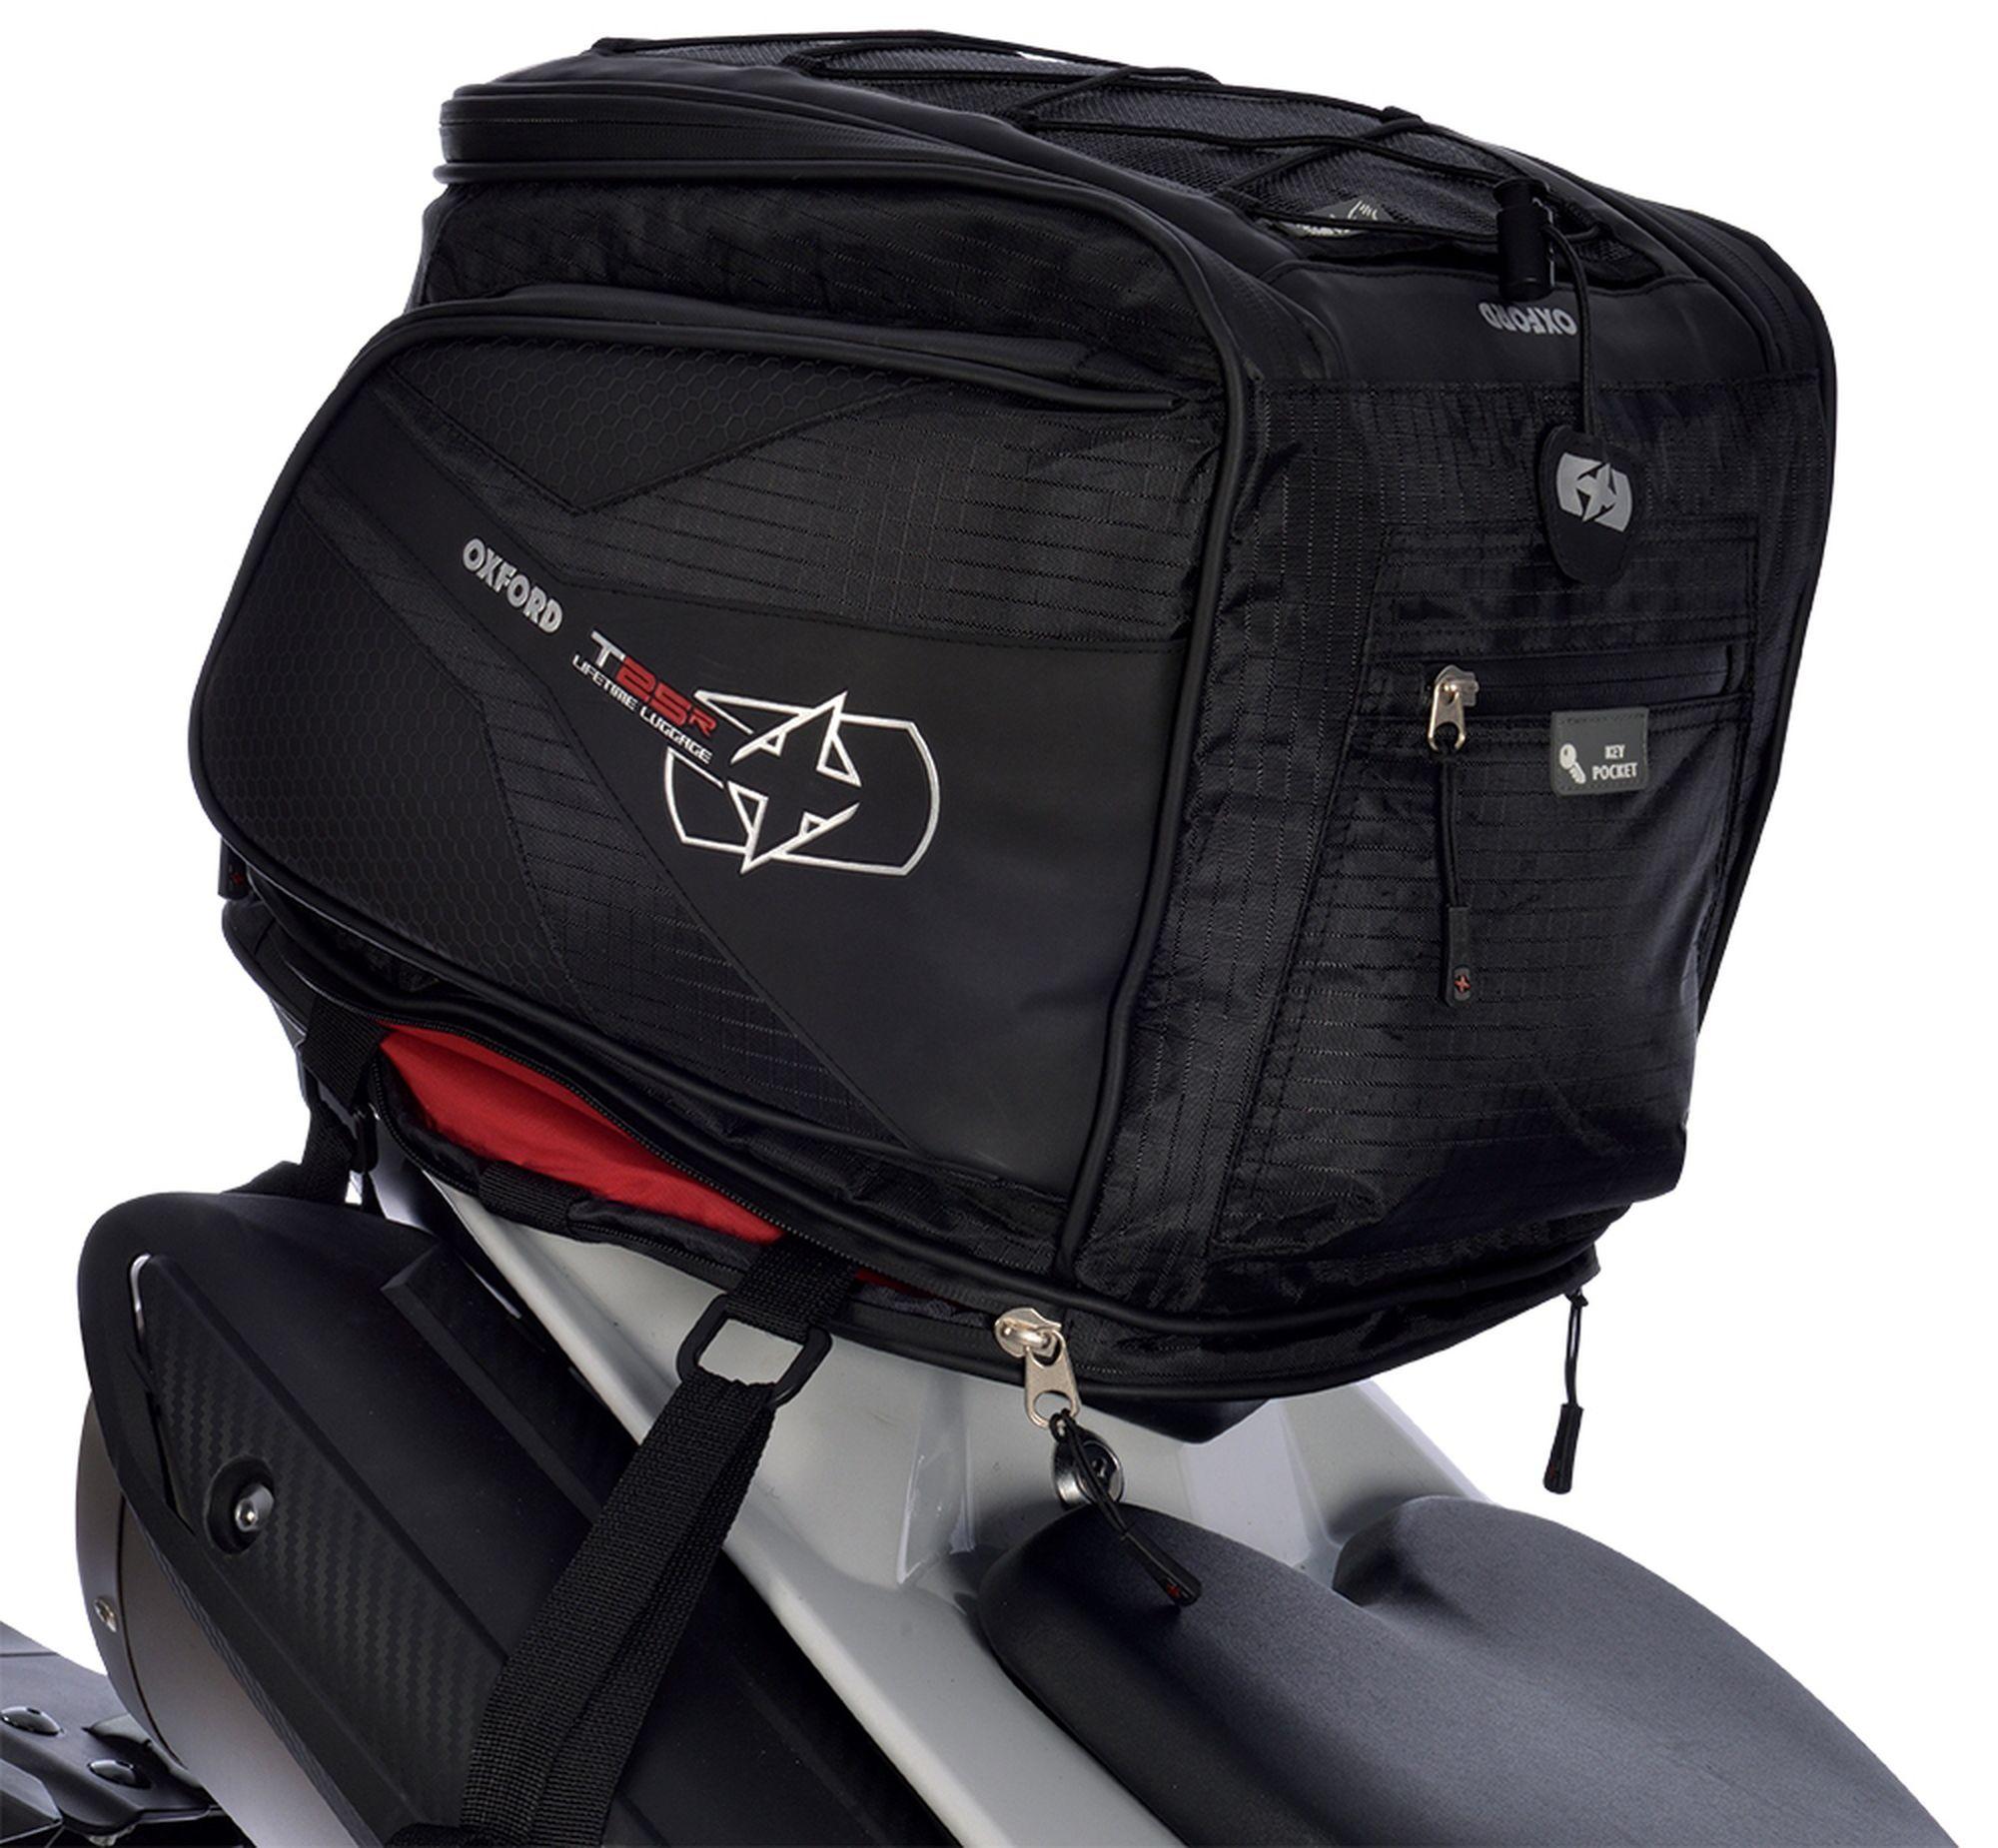 Brašna na sedlo spolujezdce Oxford T25R Tailpack černá